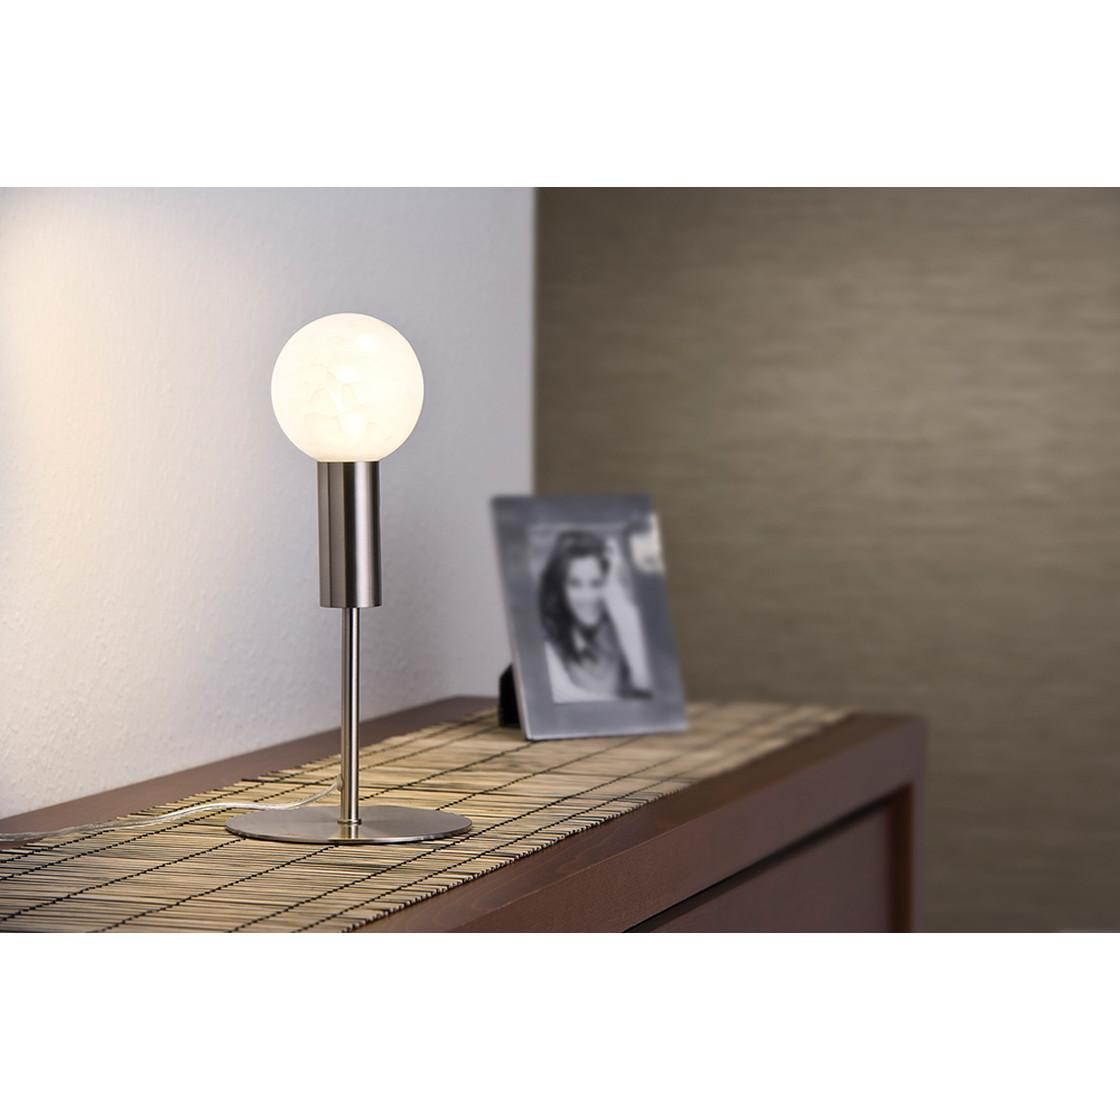 Paulmann energiesparlampe globe 10w e27 warmweiss for Lampen rampe